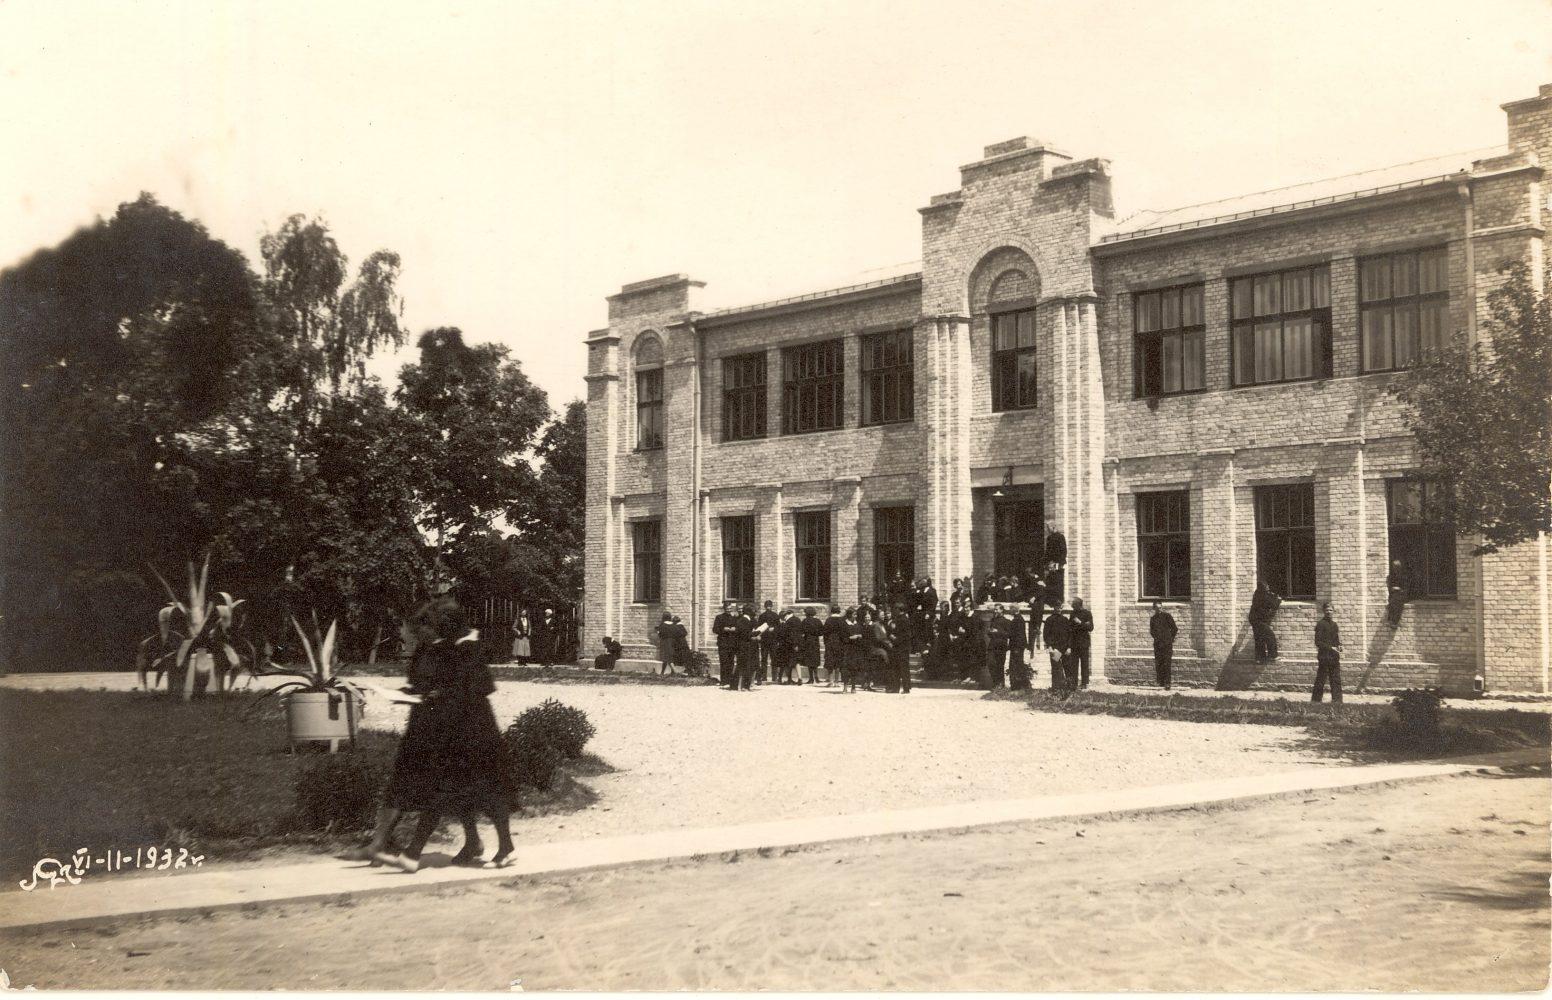 Panevėžio lenkų gimnazija. 1932 m. PAVB F96-492